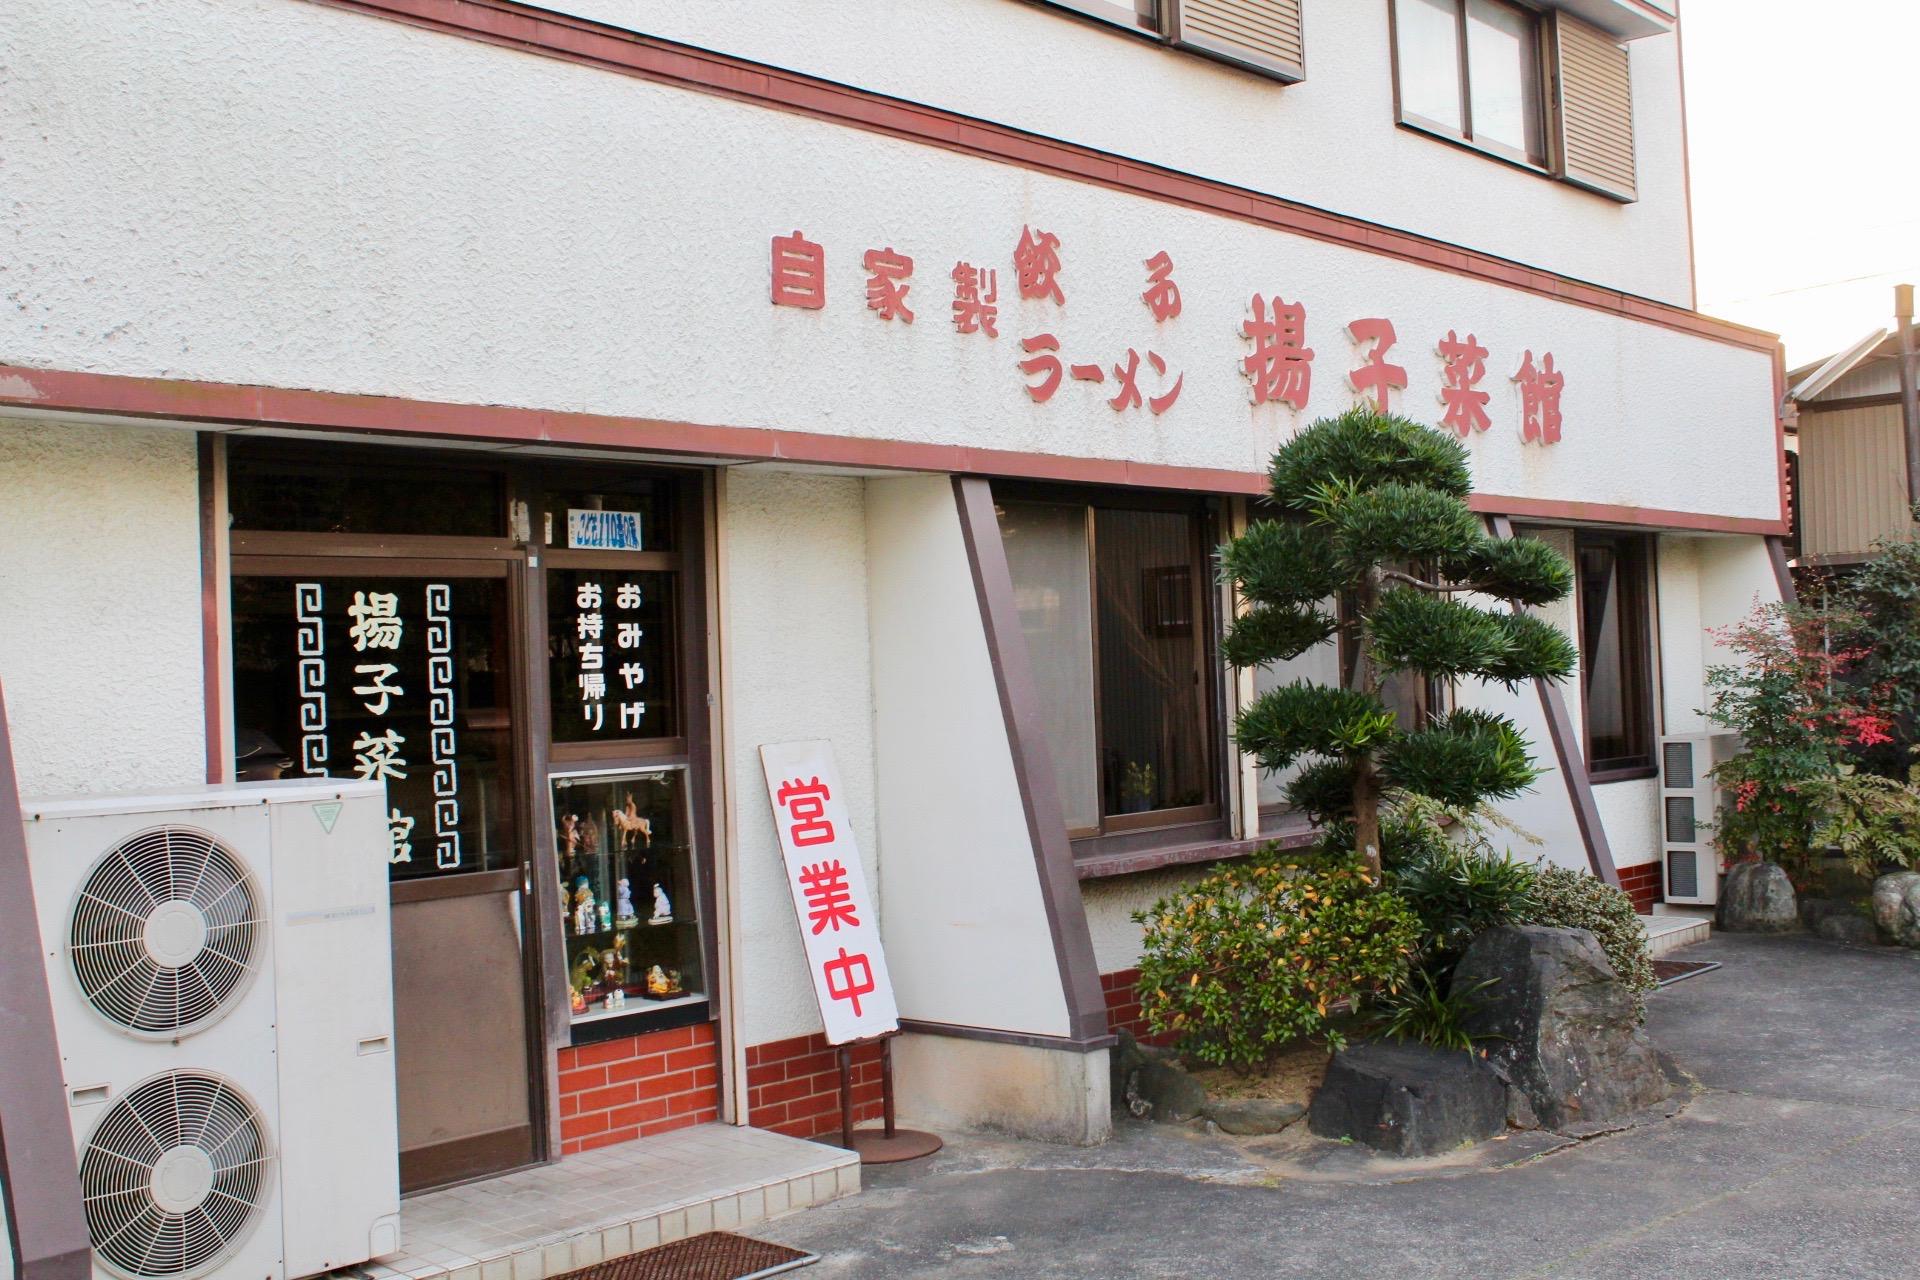 画像:揚子菜館/Yozusaikan